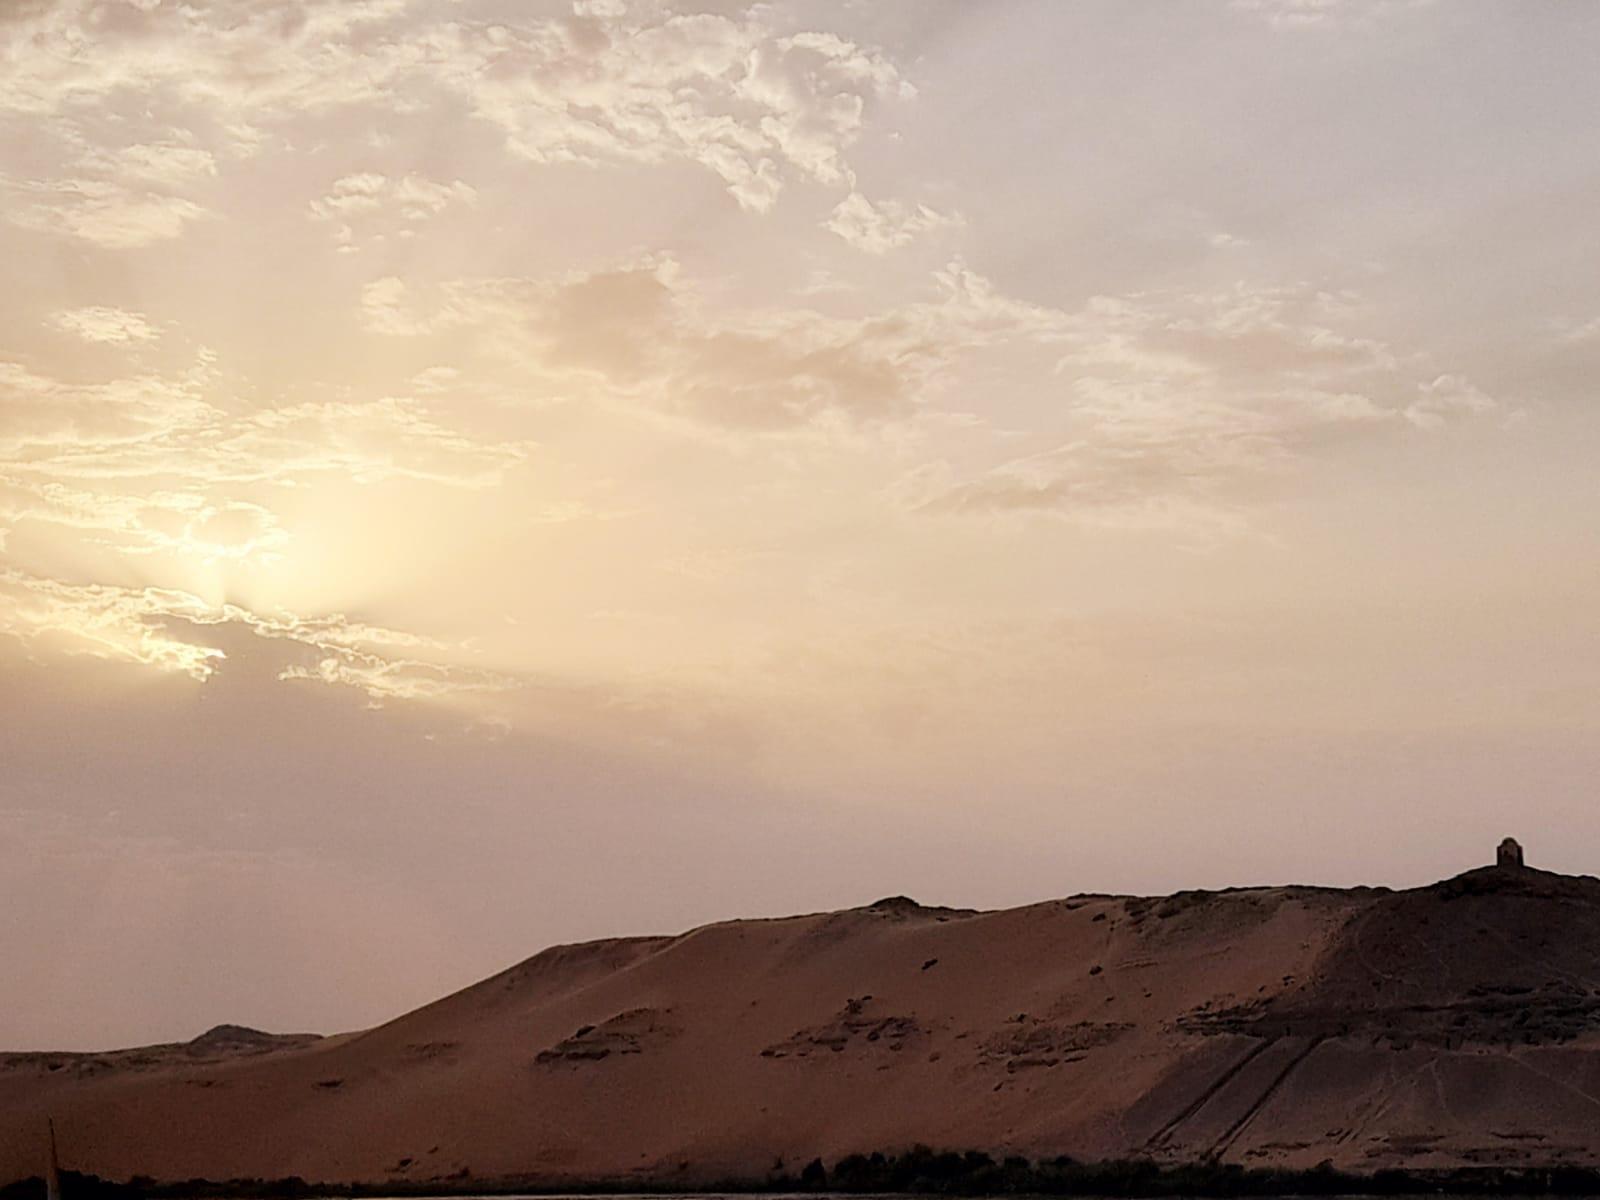 حالة الطقس اليوم الخميس في أسوان